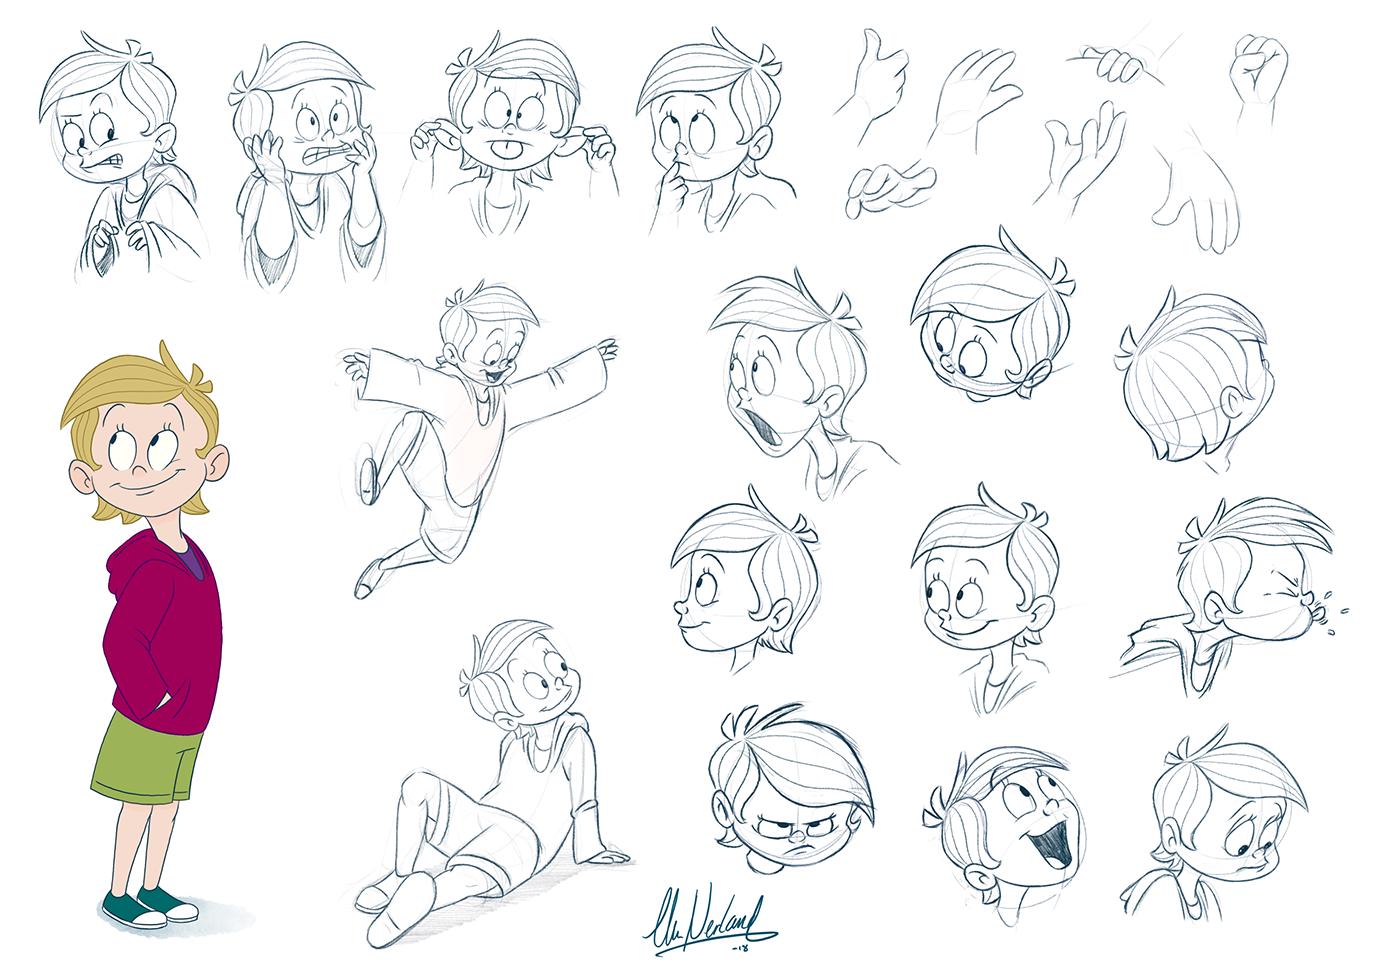 Freya - Child character design. Exercise, 2018.